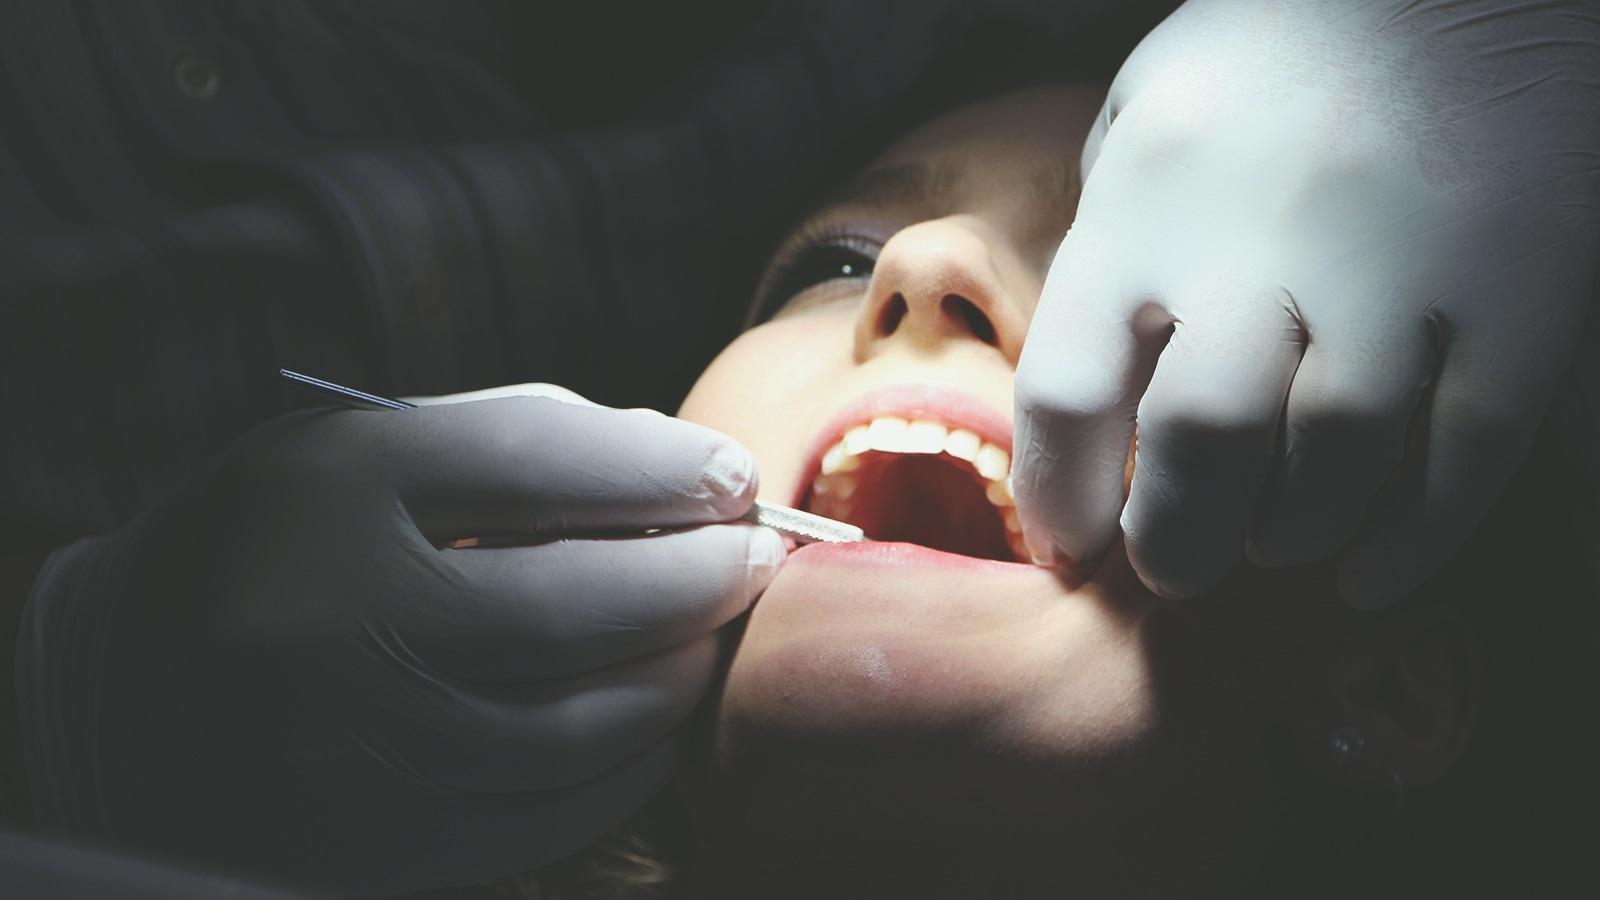 Capacitação Cirúrgico e Protético em Implantes Dentais Osseointegráveis - 2ª turma